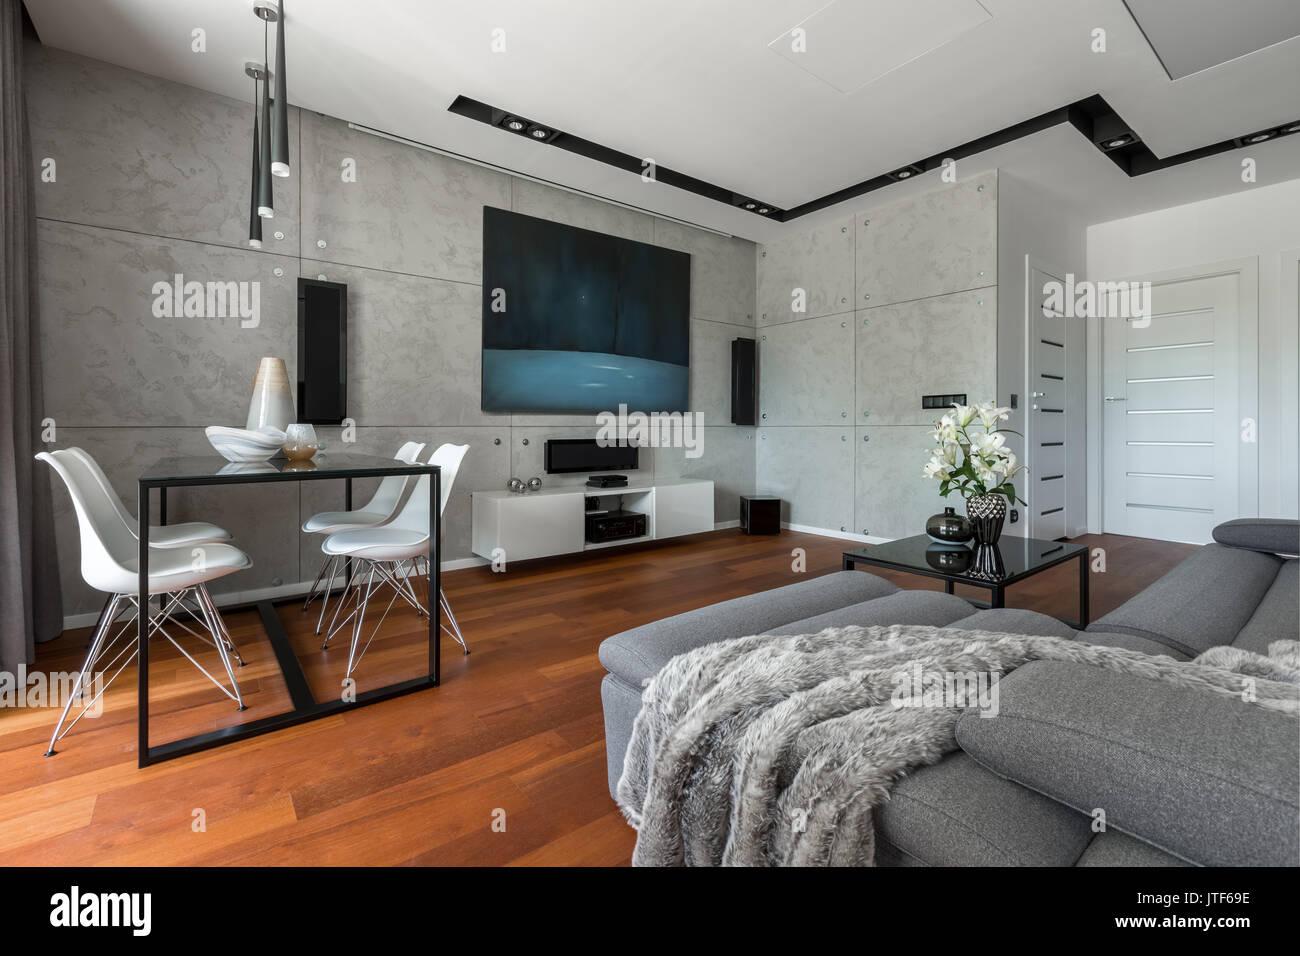 Home Intérieur Avec Table à Manger Canapé Mur De Ciment Et